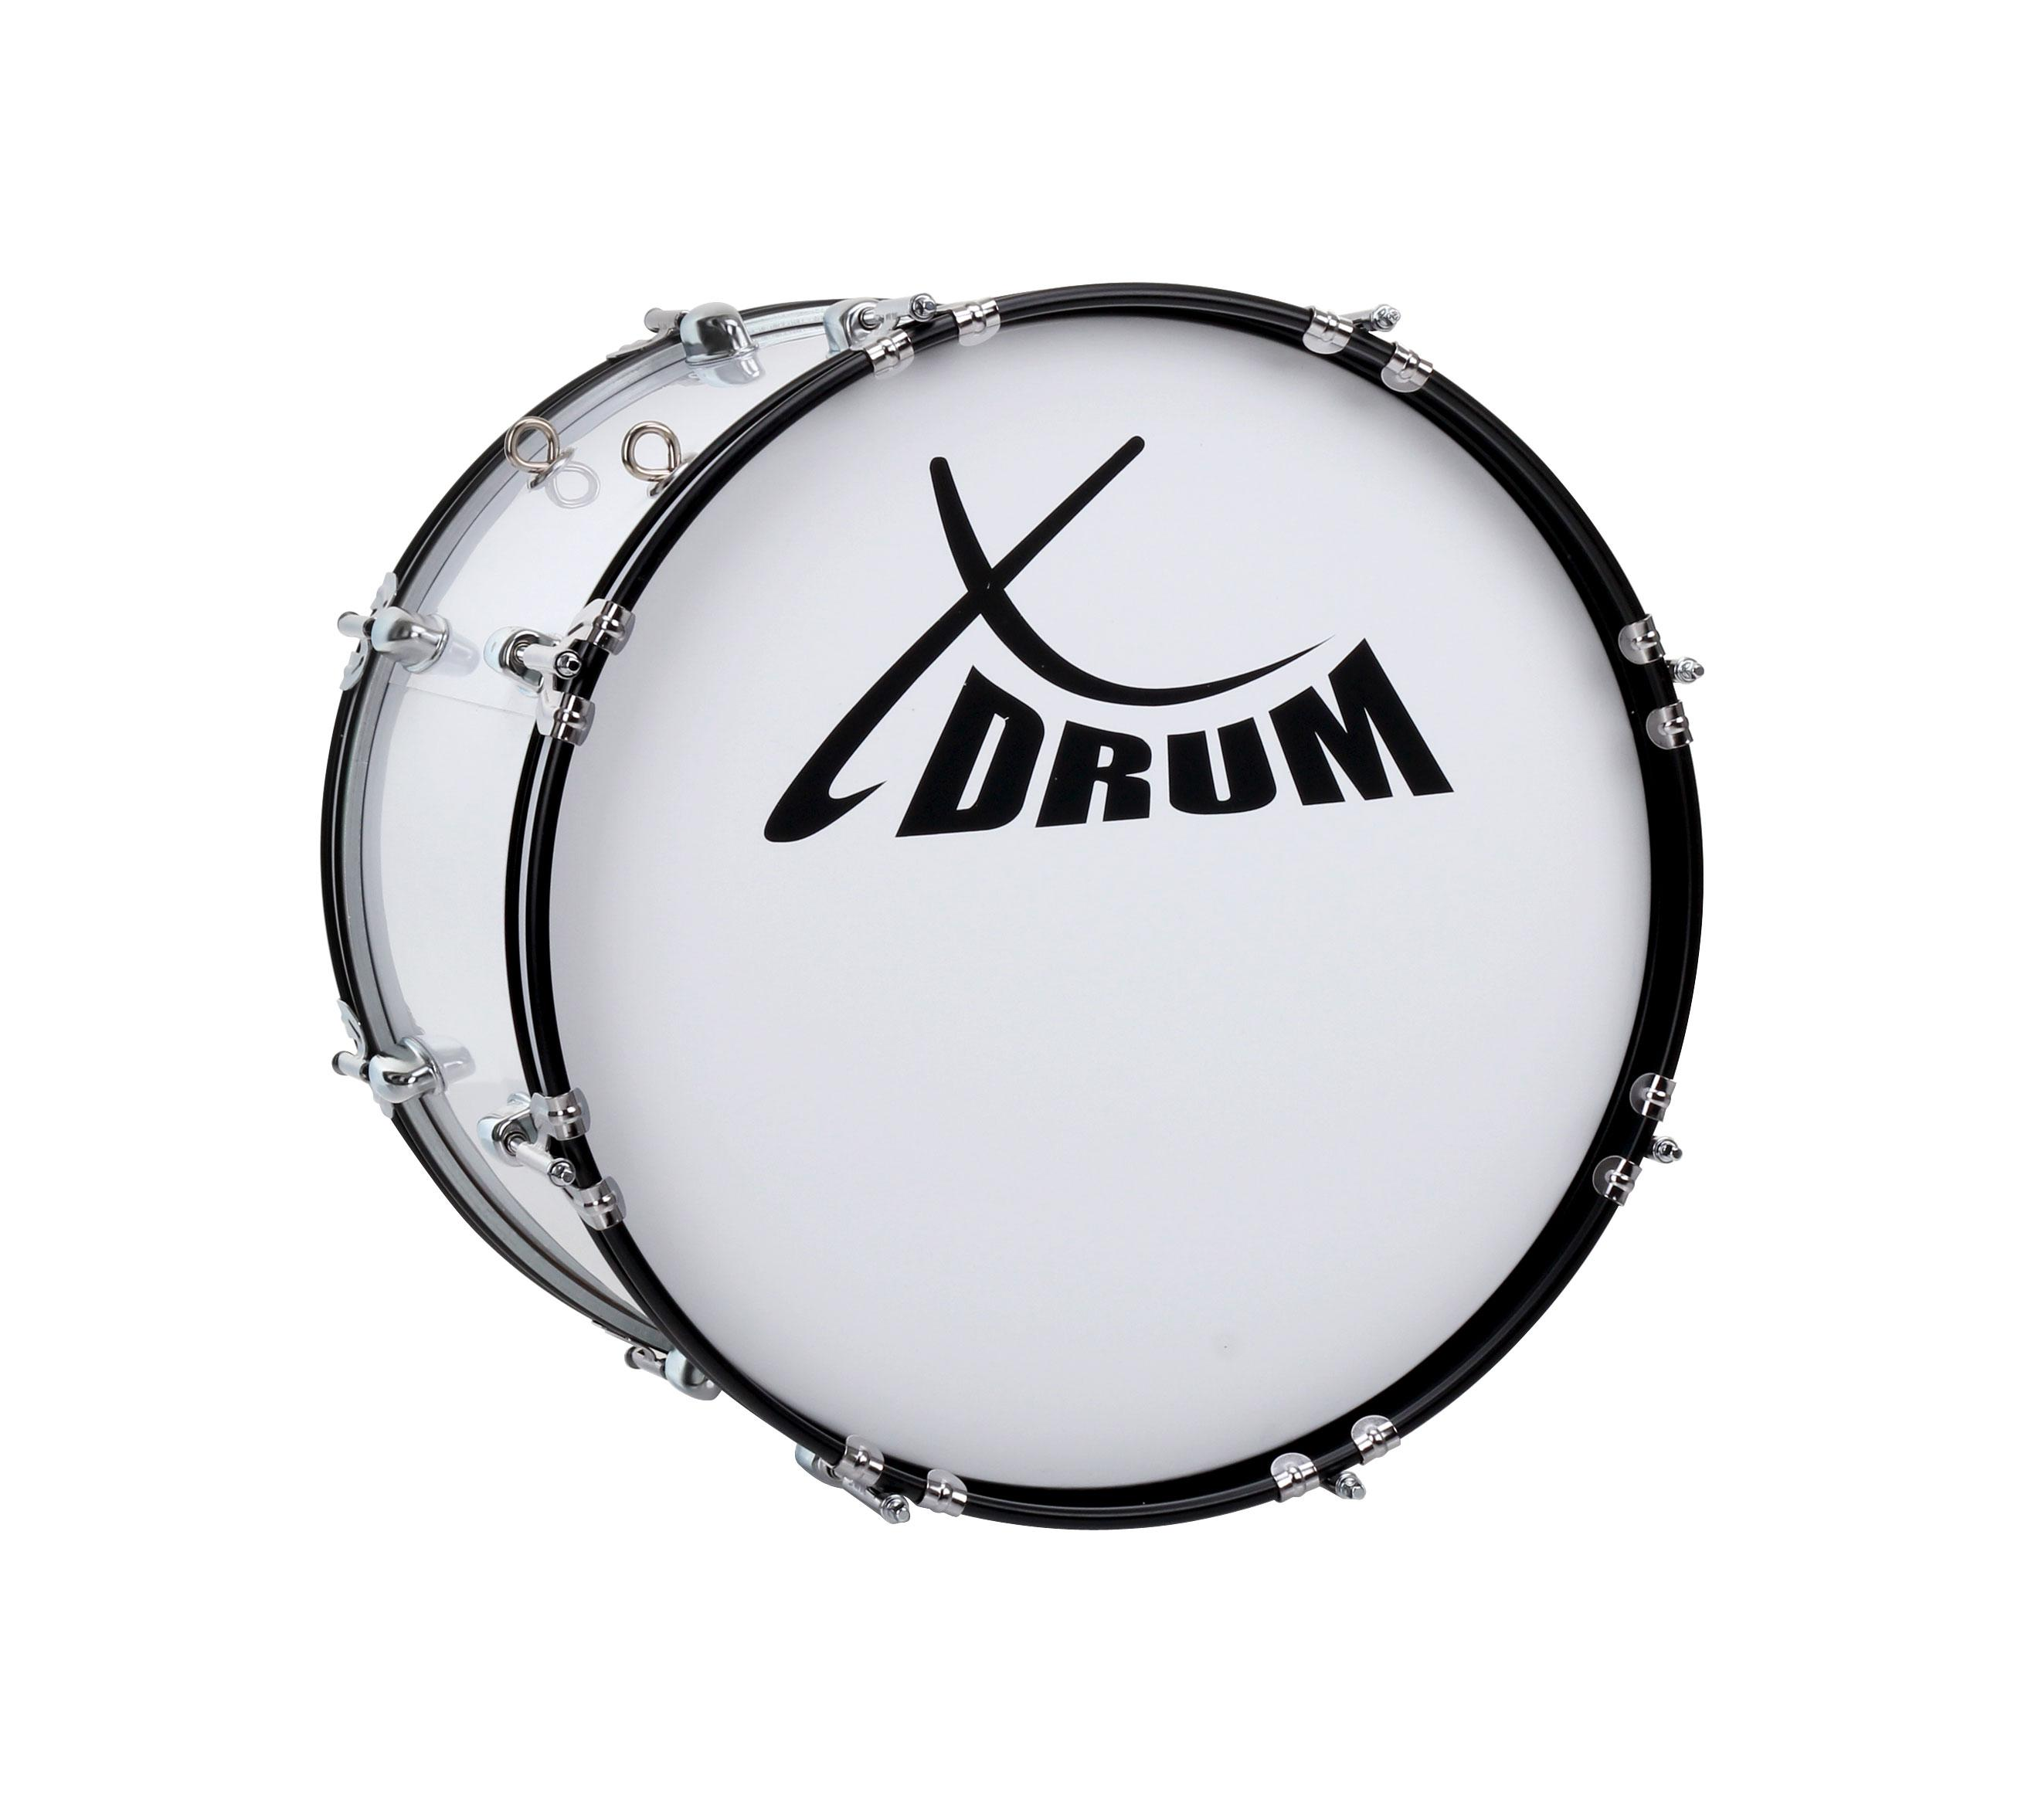 Marching - XDrum MBD 218 Marschtrommel 18 x 12 - Onlineshop Musikhaus Kirstein